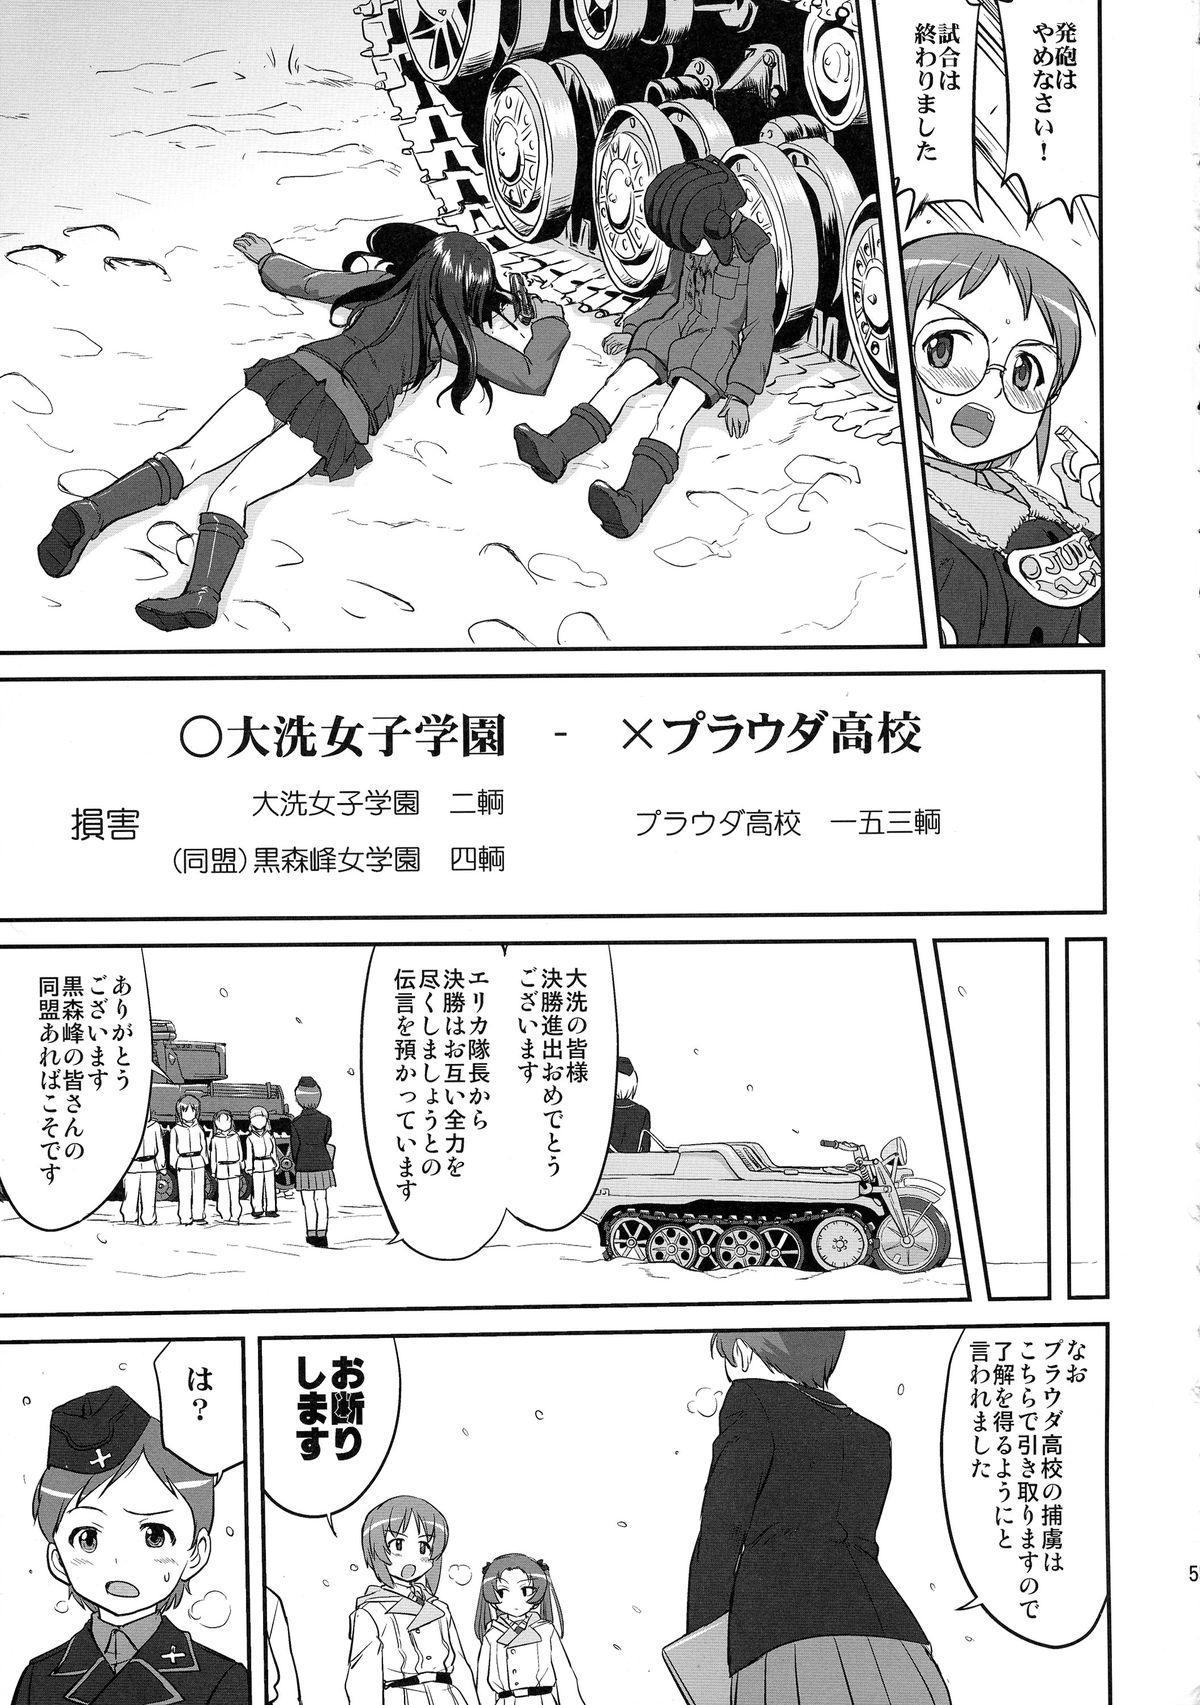 Yukiyukite Senshadou Battle of Pravda 54